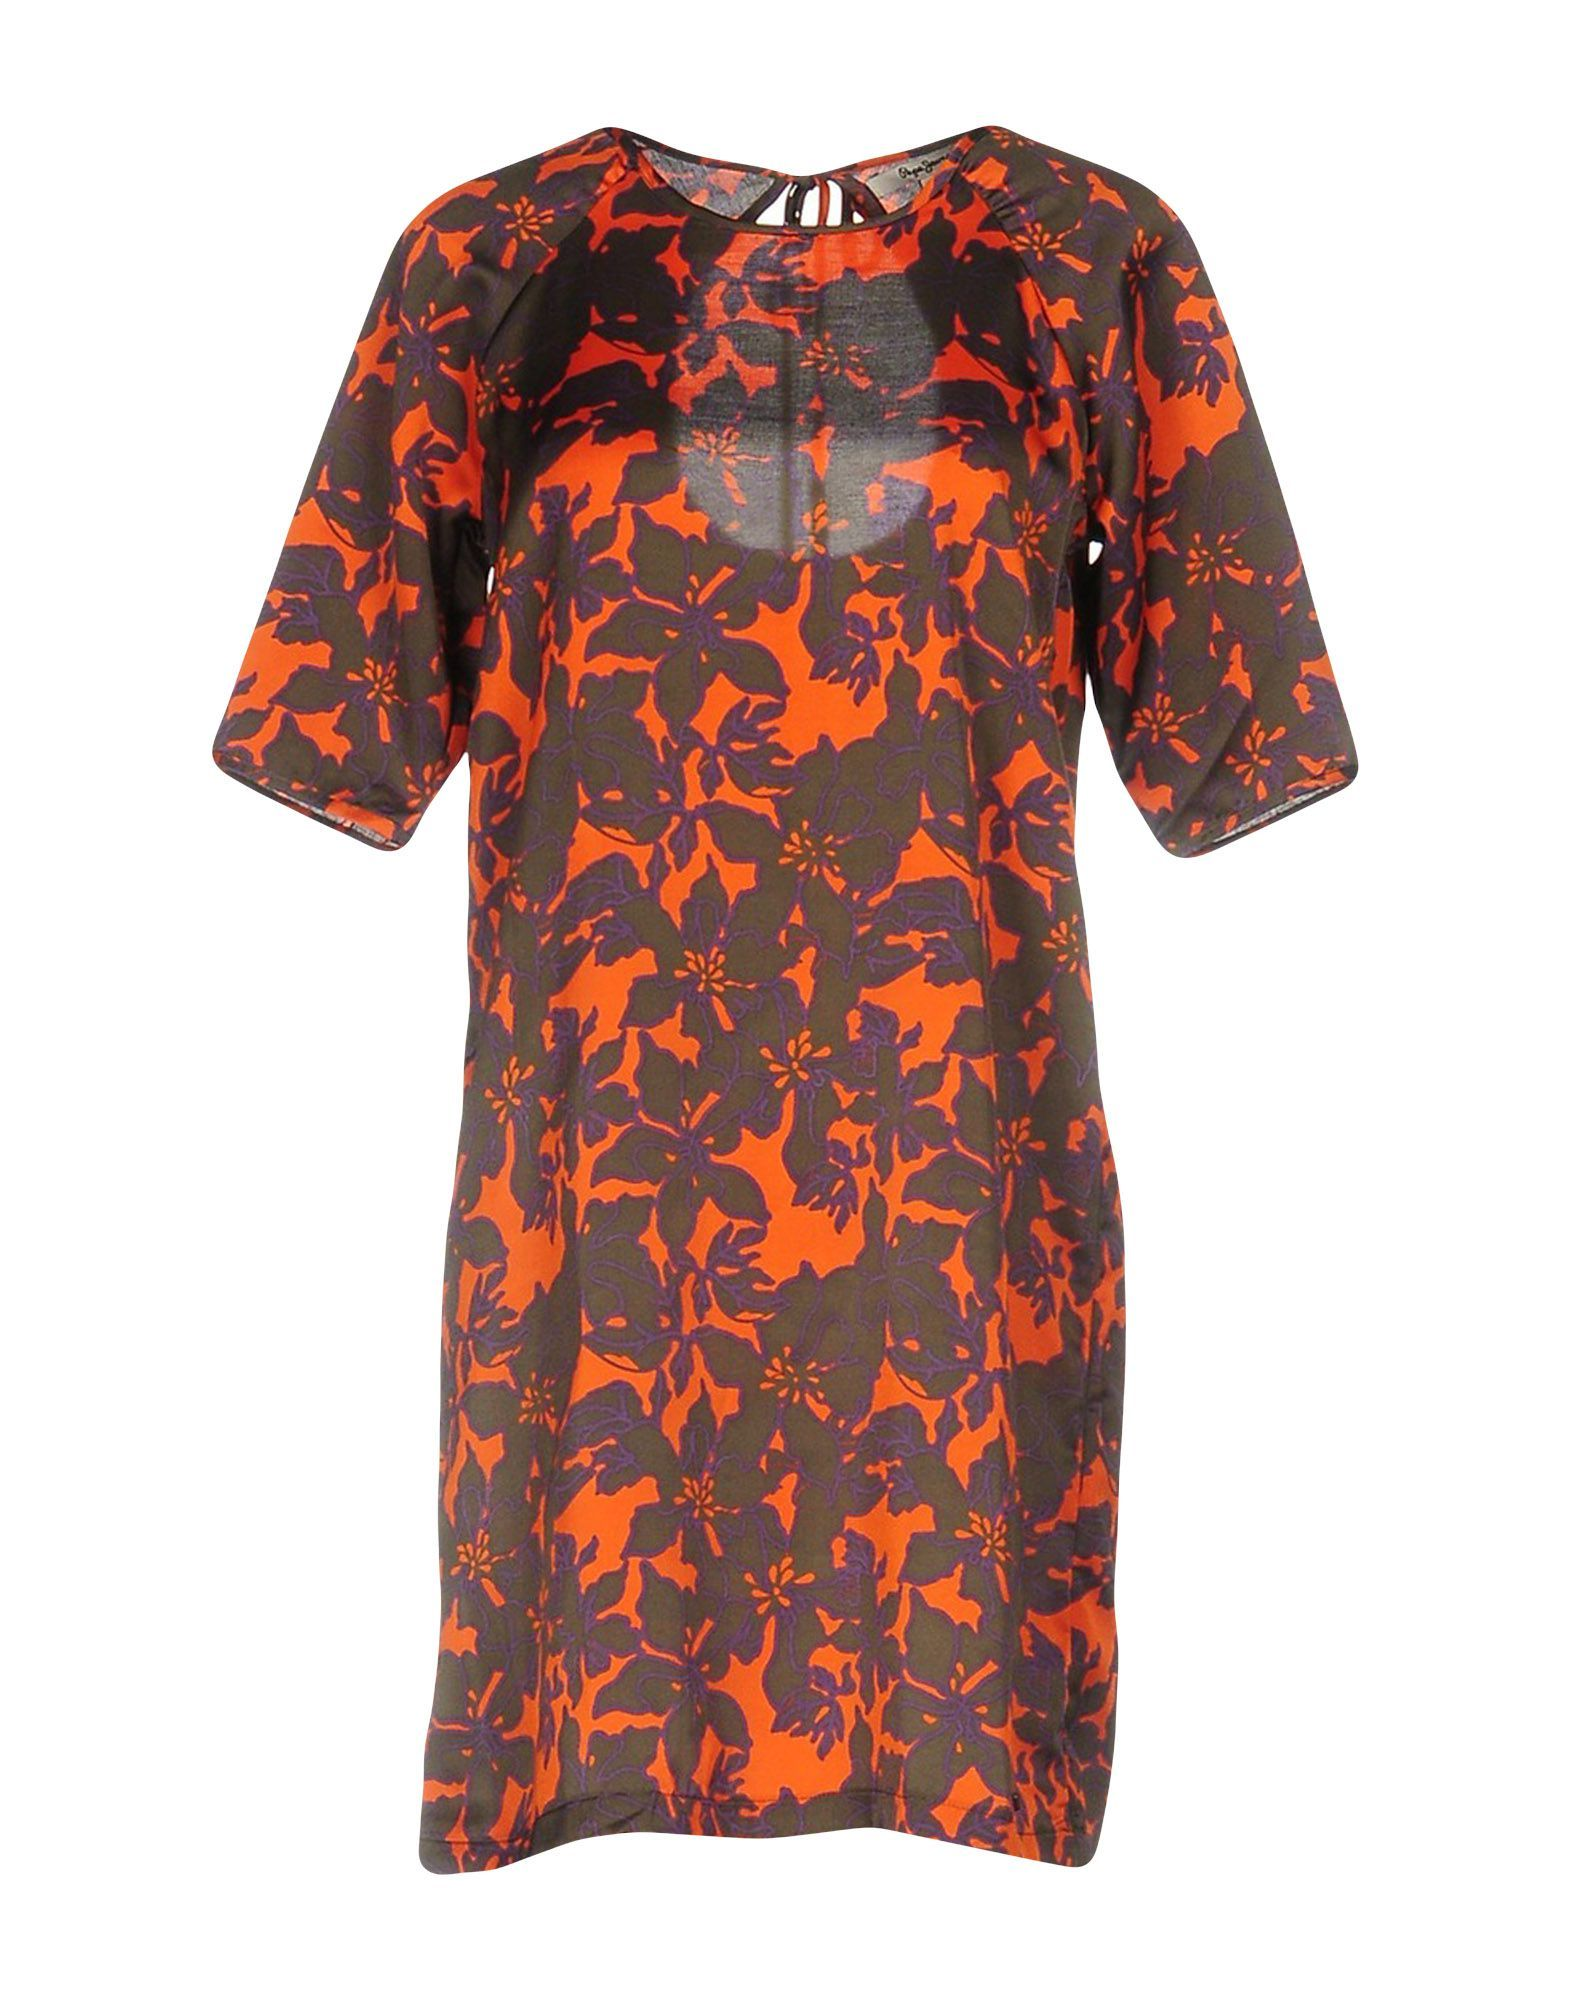 Pepe Jeans Orange Floral Design Short Sleeve Dress